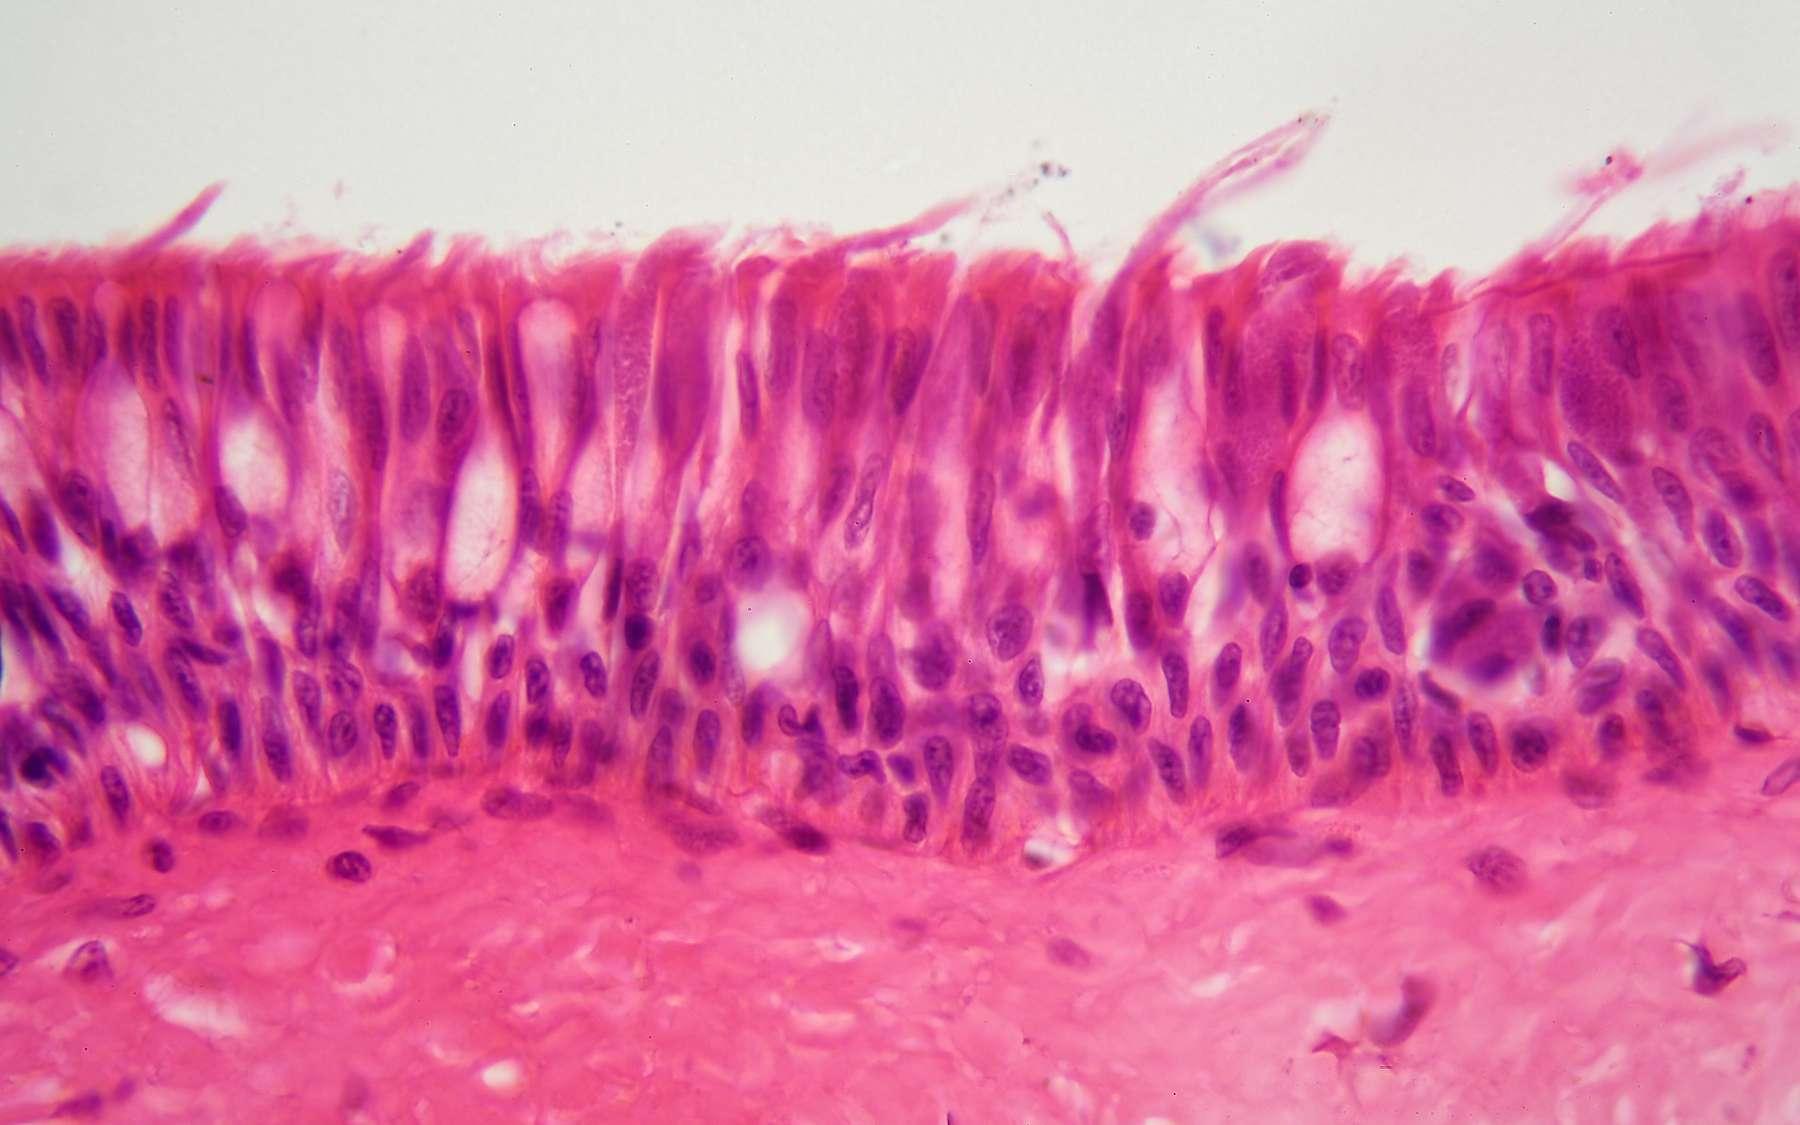 Les laminines sont des protéines constituantes de la lame basale. © ChrWeiss, Adobe Stock